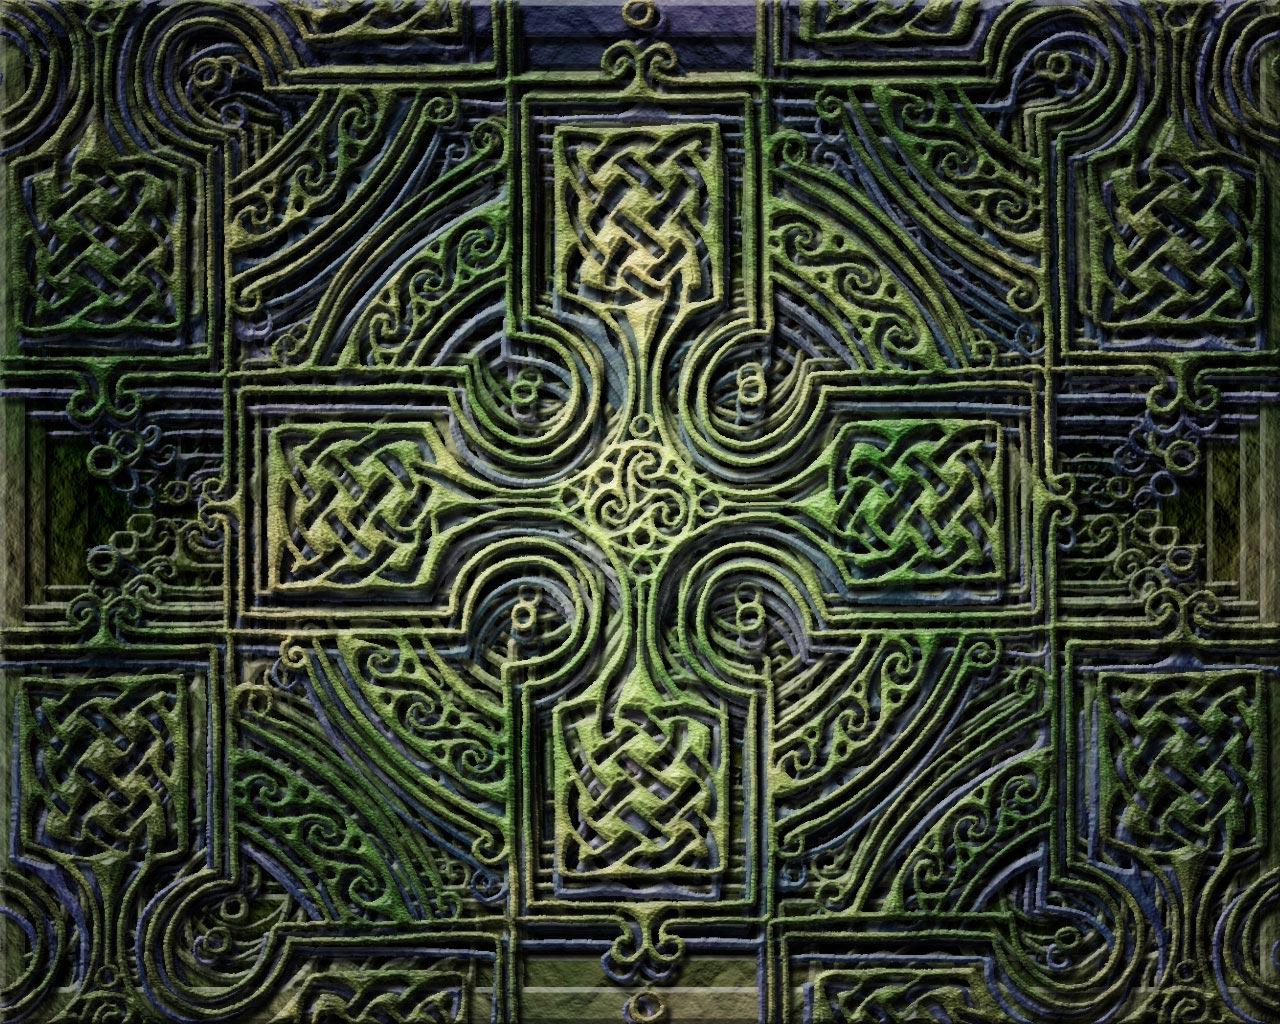 cruces-celtas-simbologia